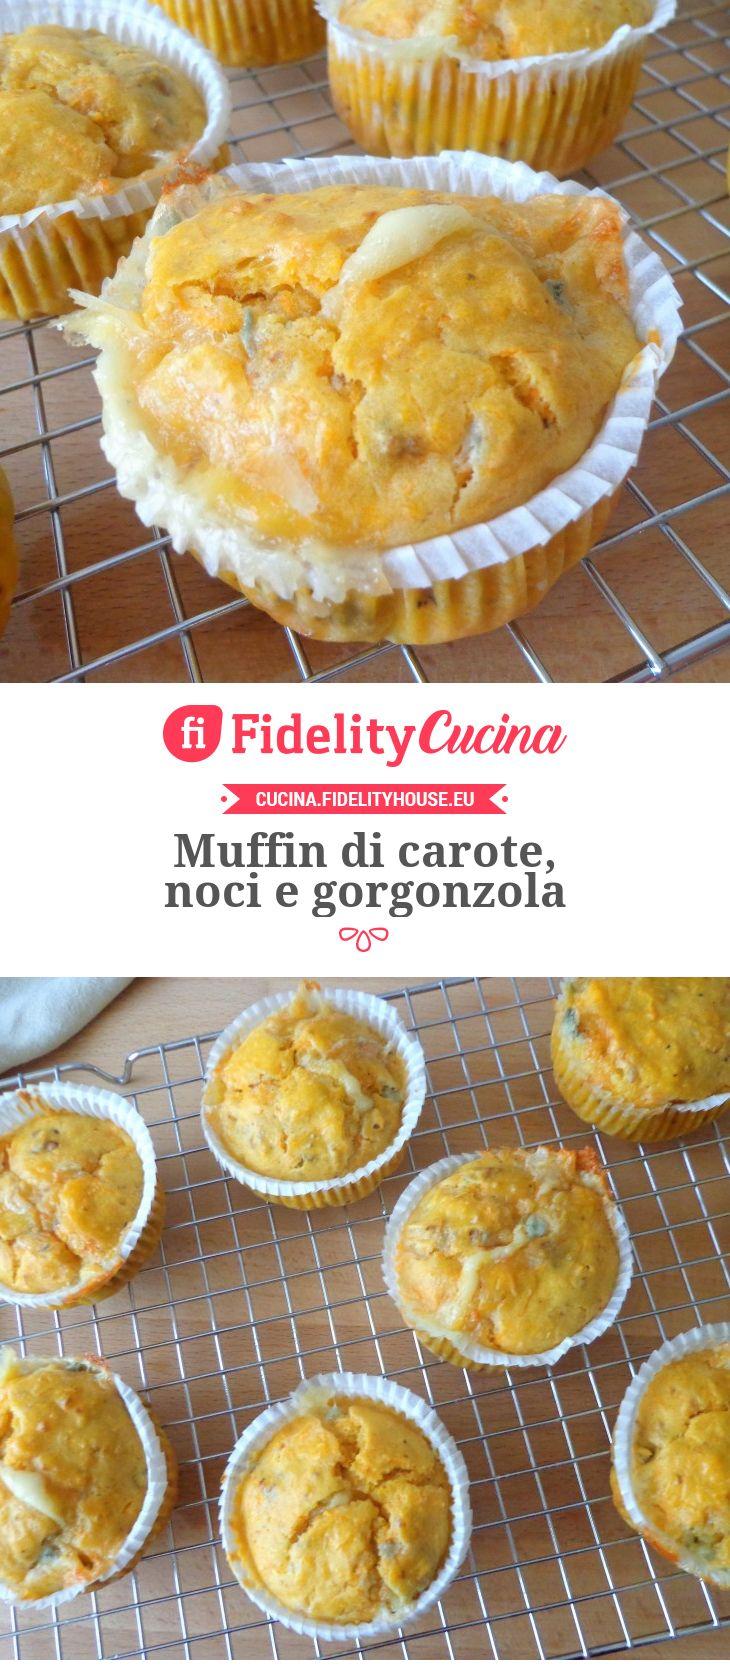 Muffin di carote, noci e gorgonzola